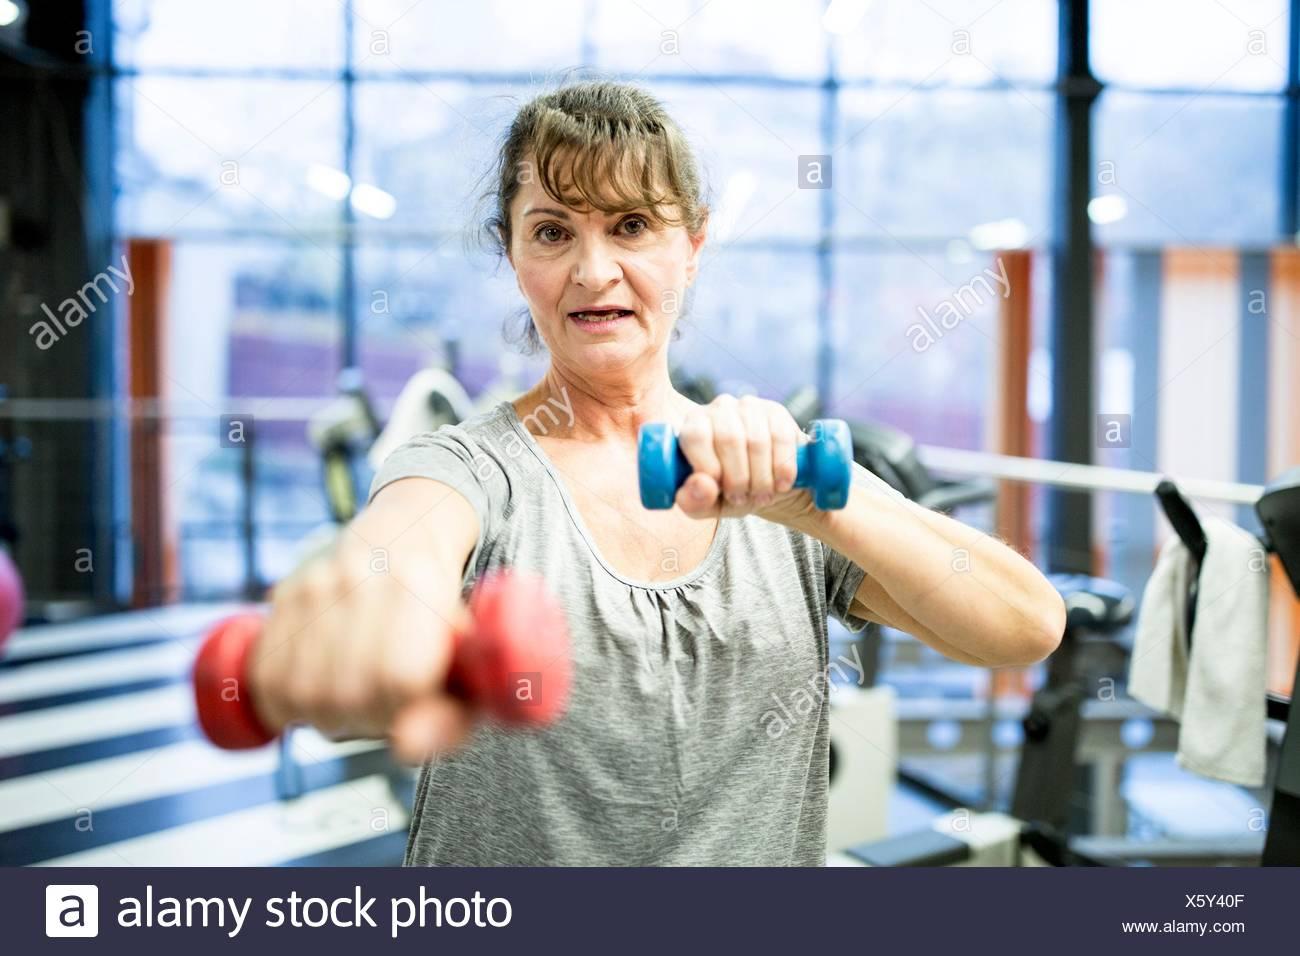 EIGENTUM FREIGEGEBEN. -MODELL VERÖFFENTLICHT. Porträt senior Frau mit Hantel im Fitness-Studio. Stockfoto